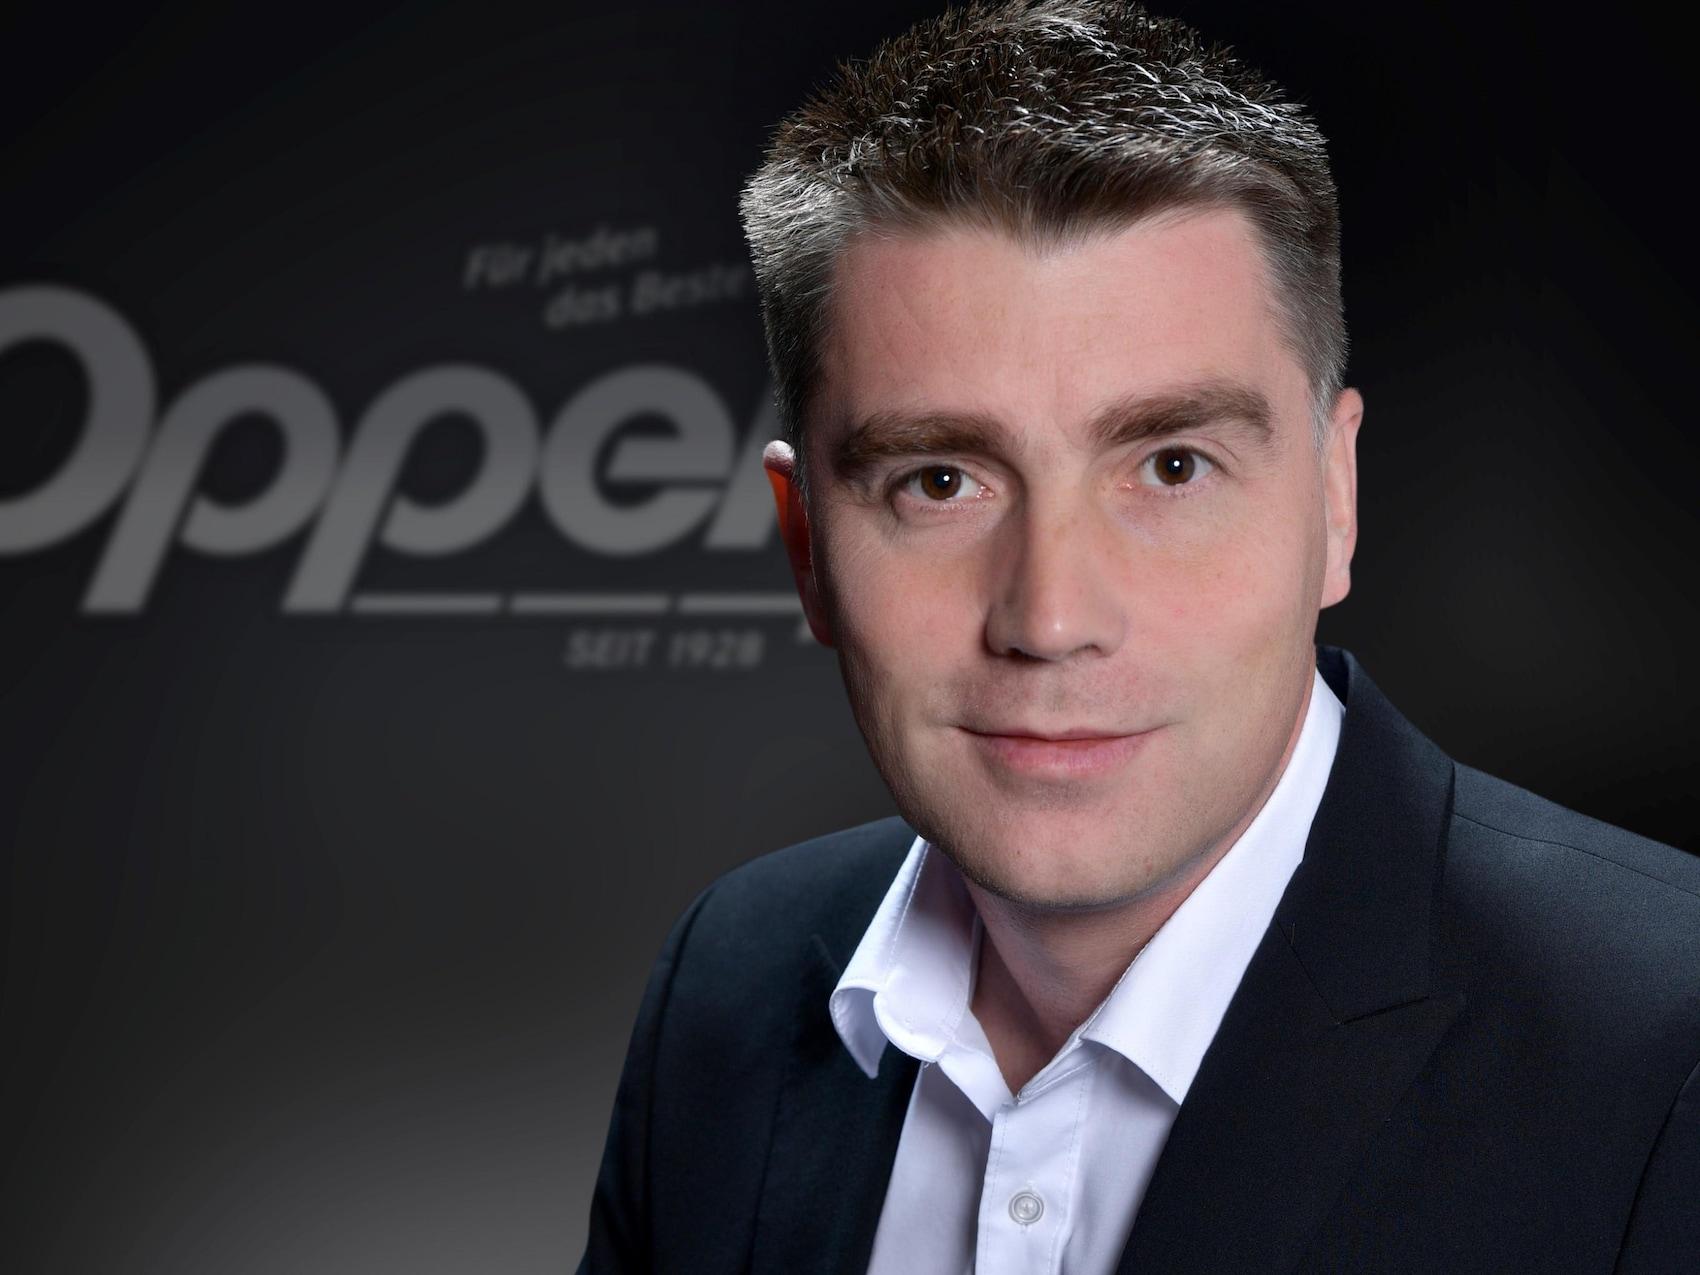 team-sSP-Oppel-GmbH-Plauen-und-Aue-Morgenstern-Steven